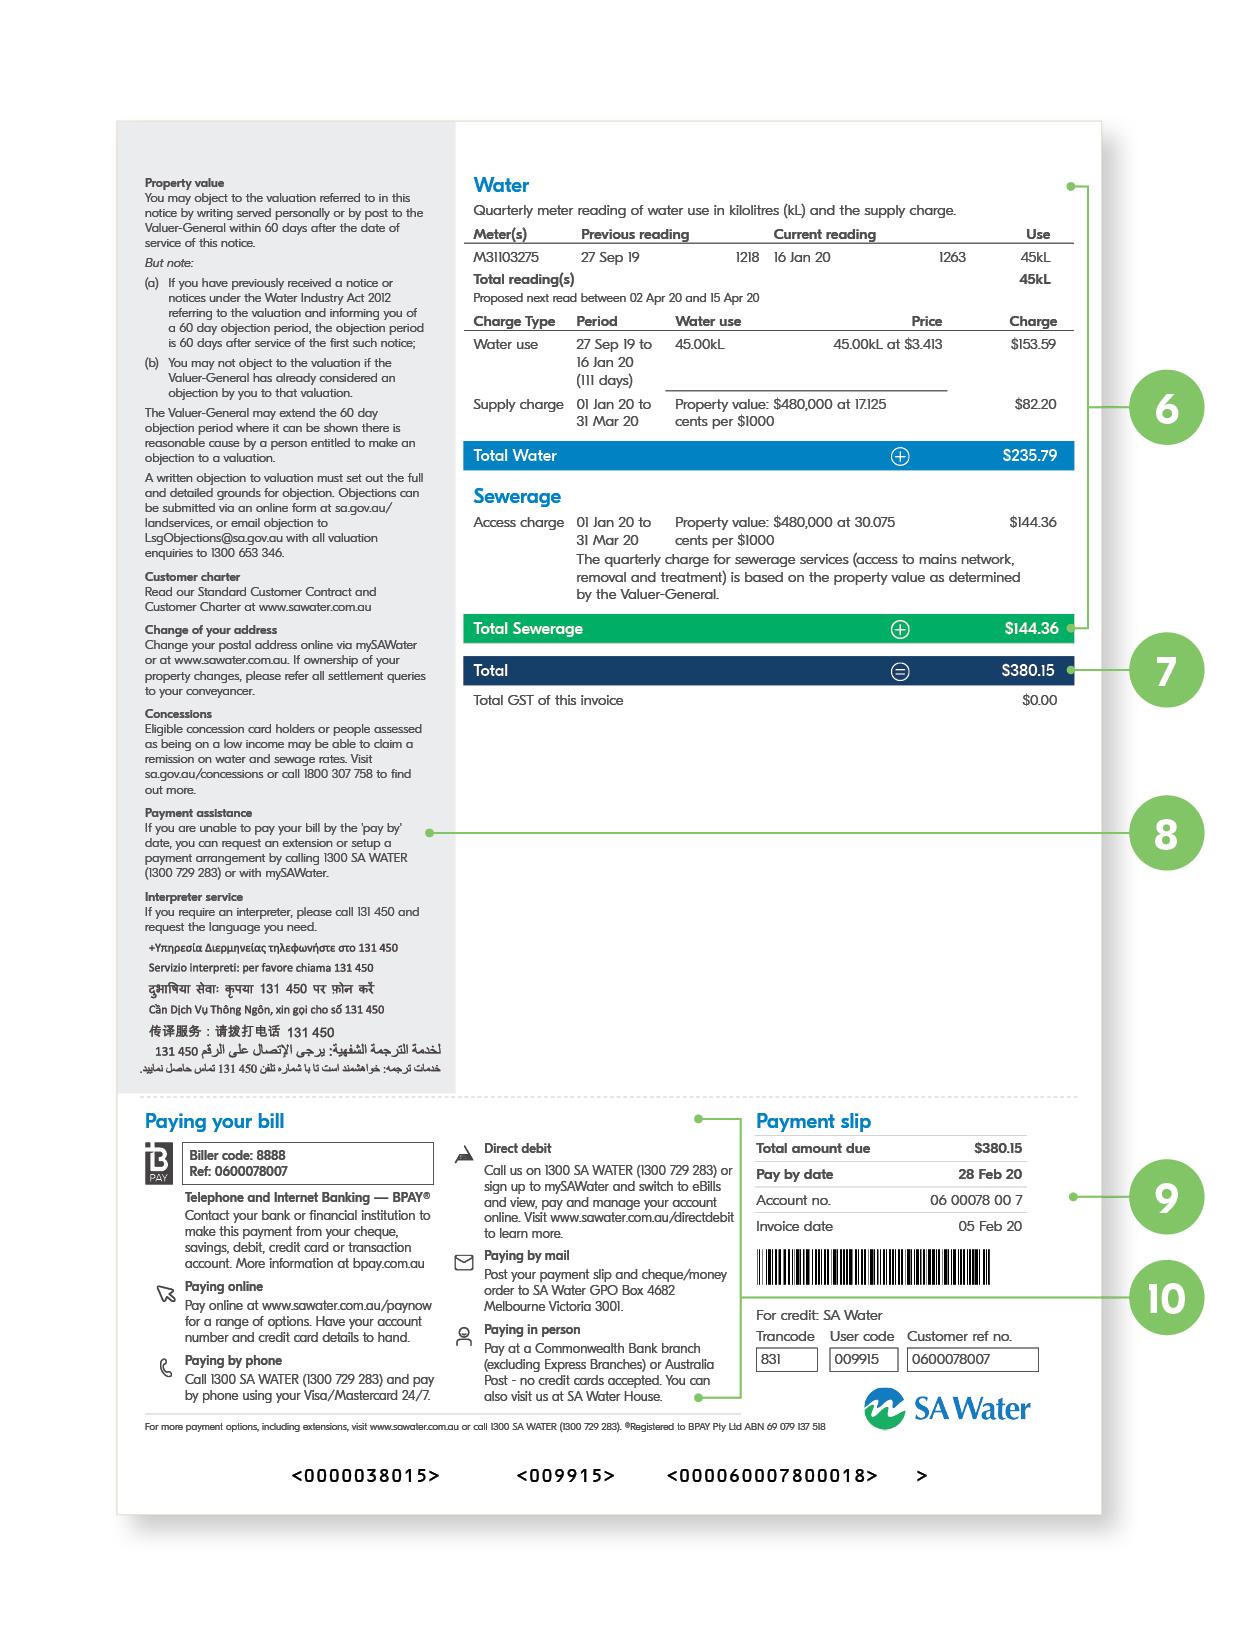 SA Water bill back page